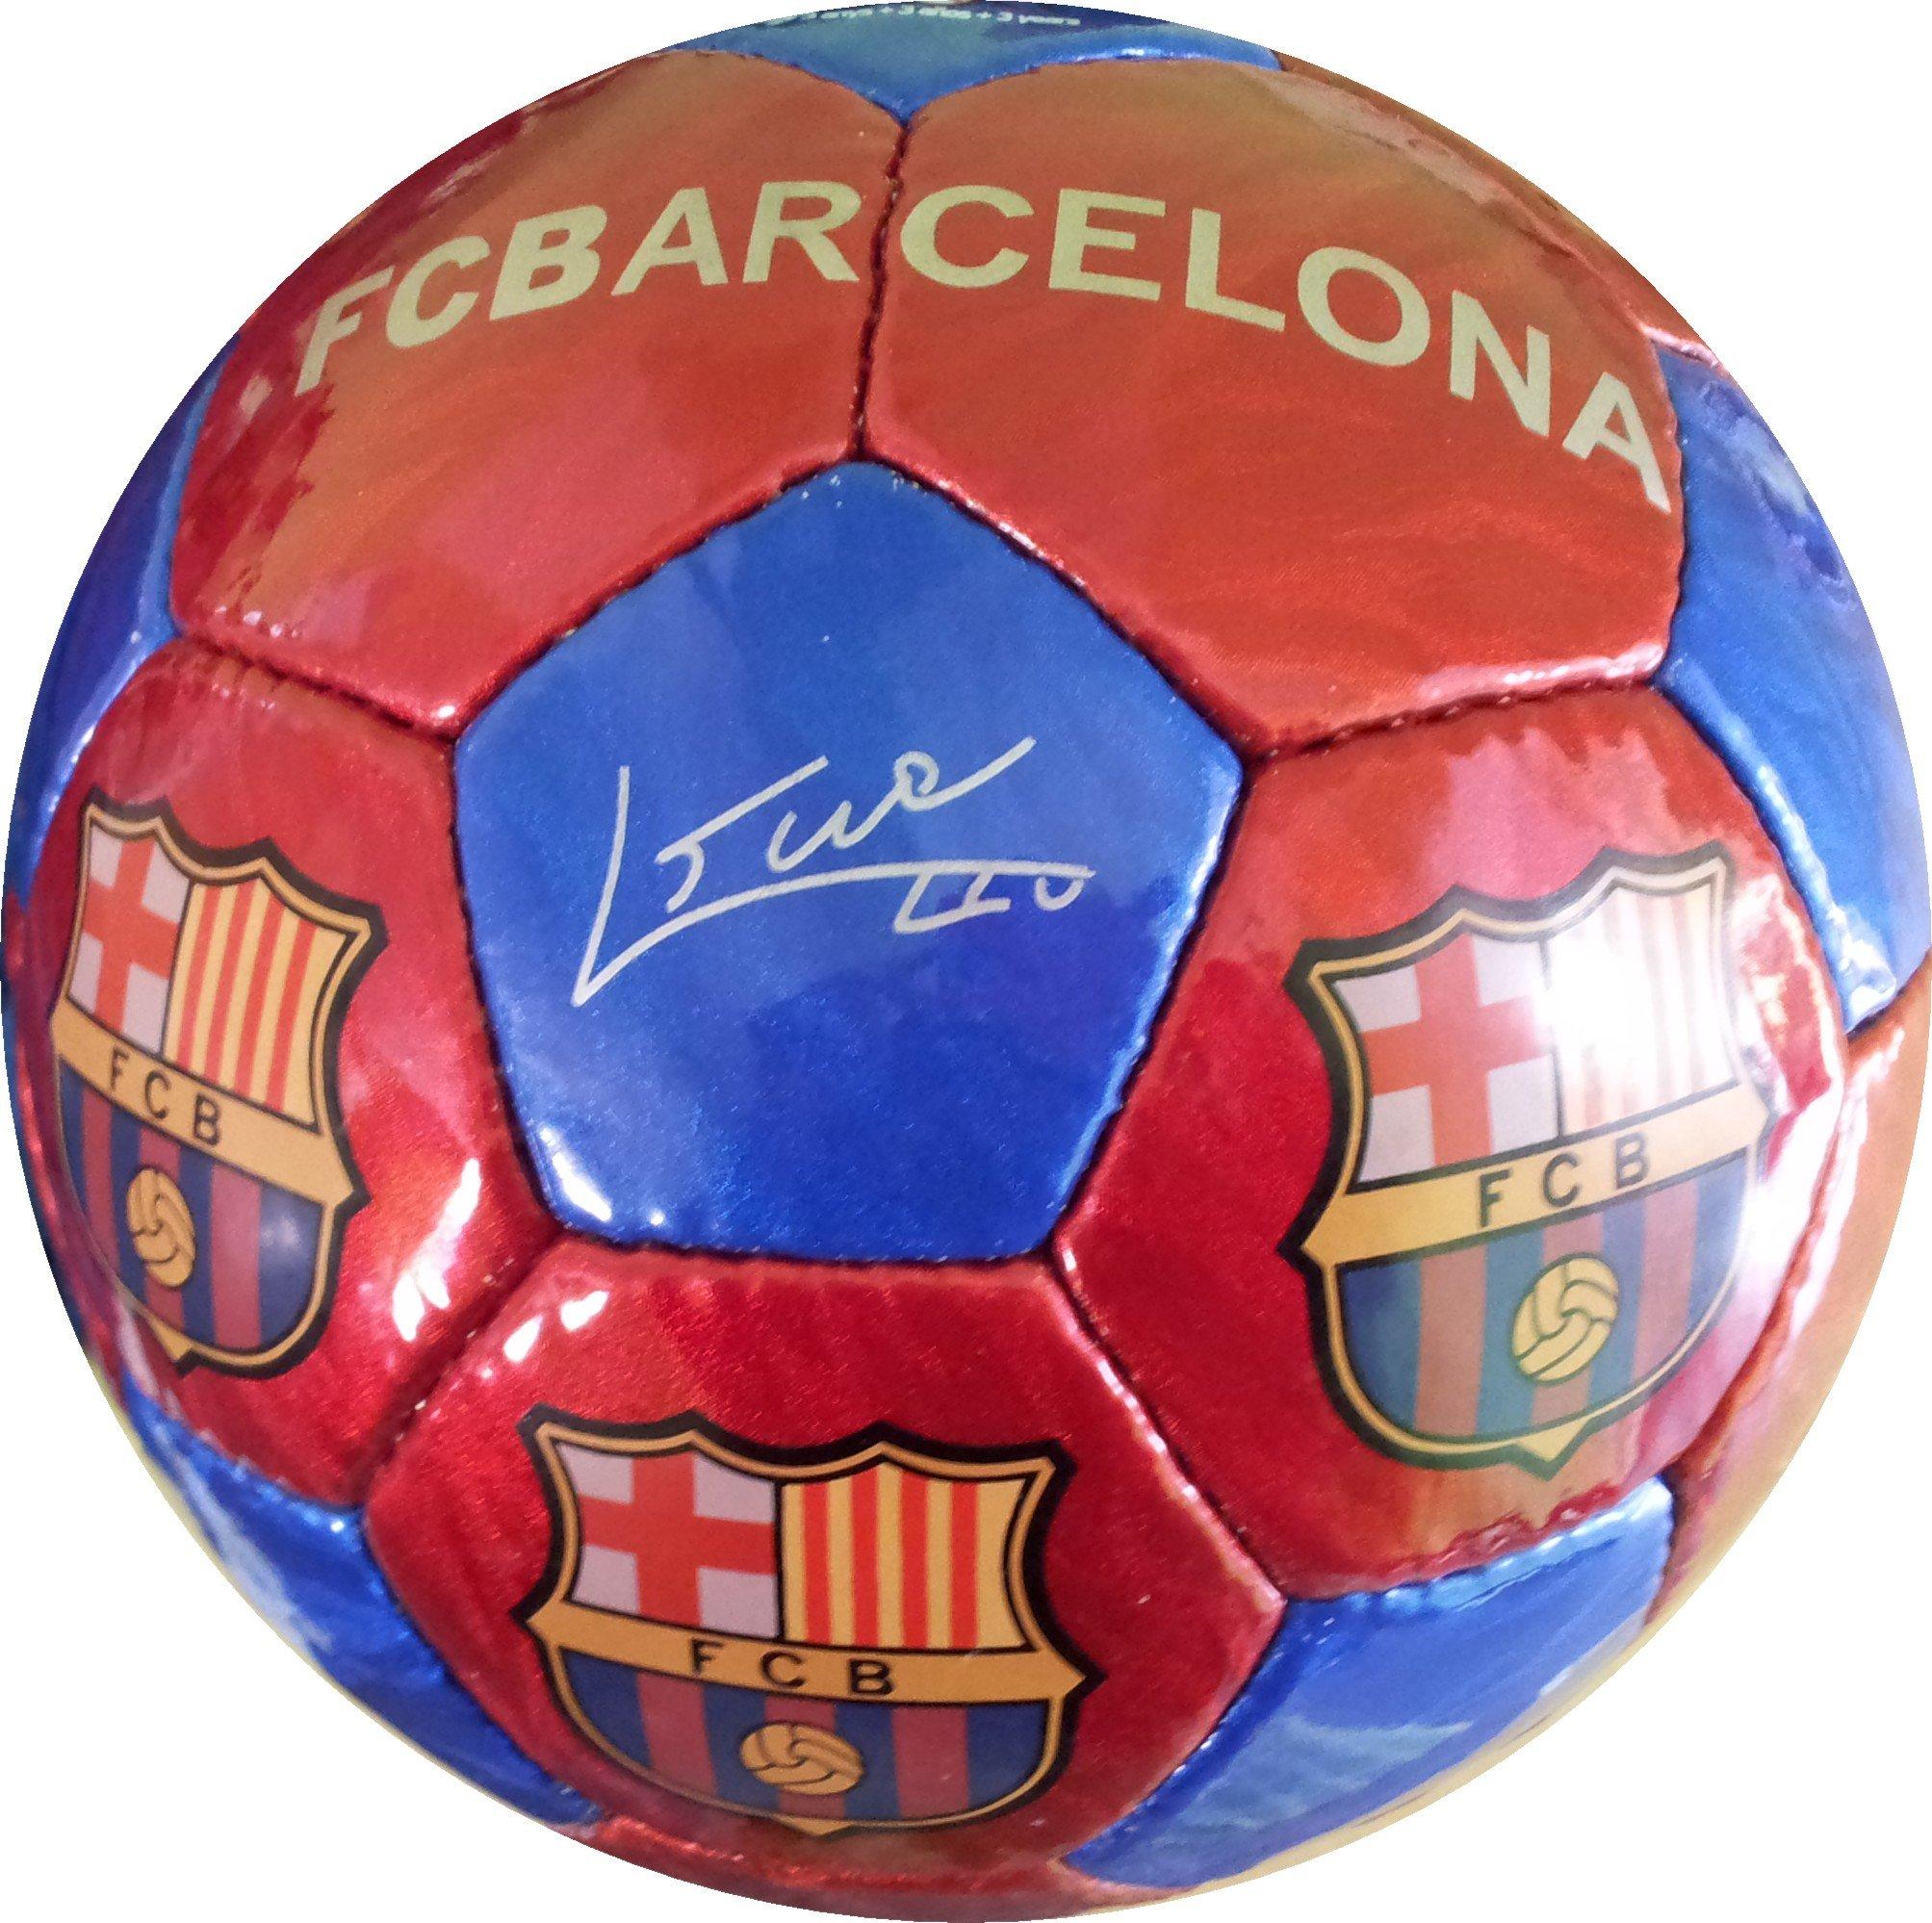 Fc Barcelona Pallone Da Calcio Taglia 5 - Rosso / Blu